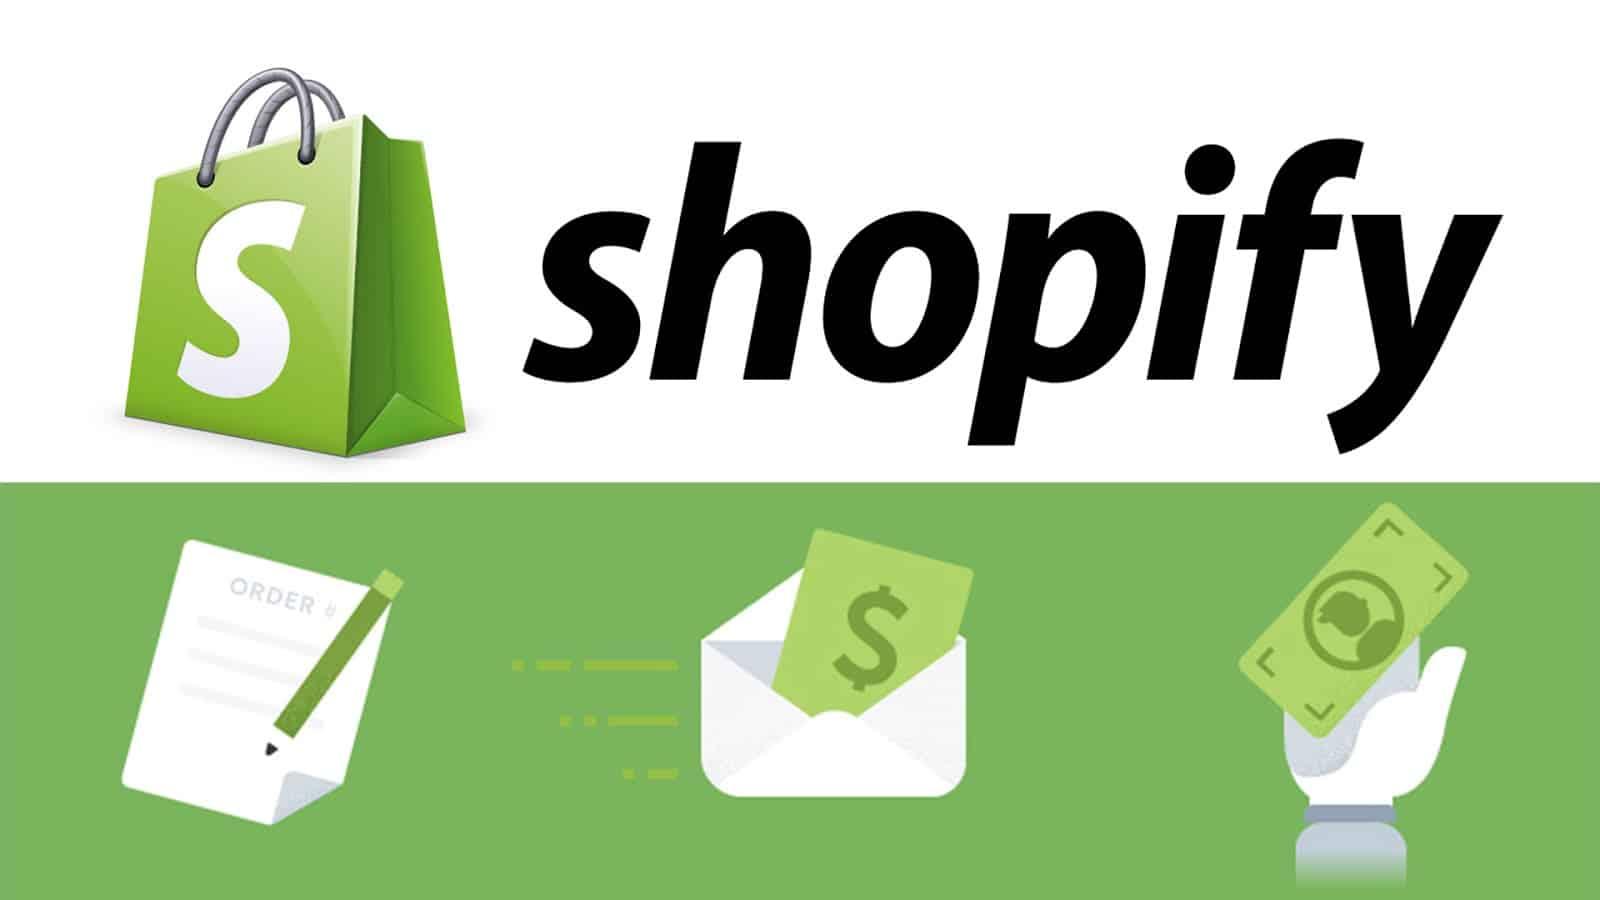 مراجعة شوبيفاي: إنشاء متجر إلكتروني احترافي في دقائق!